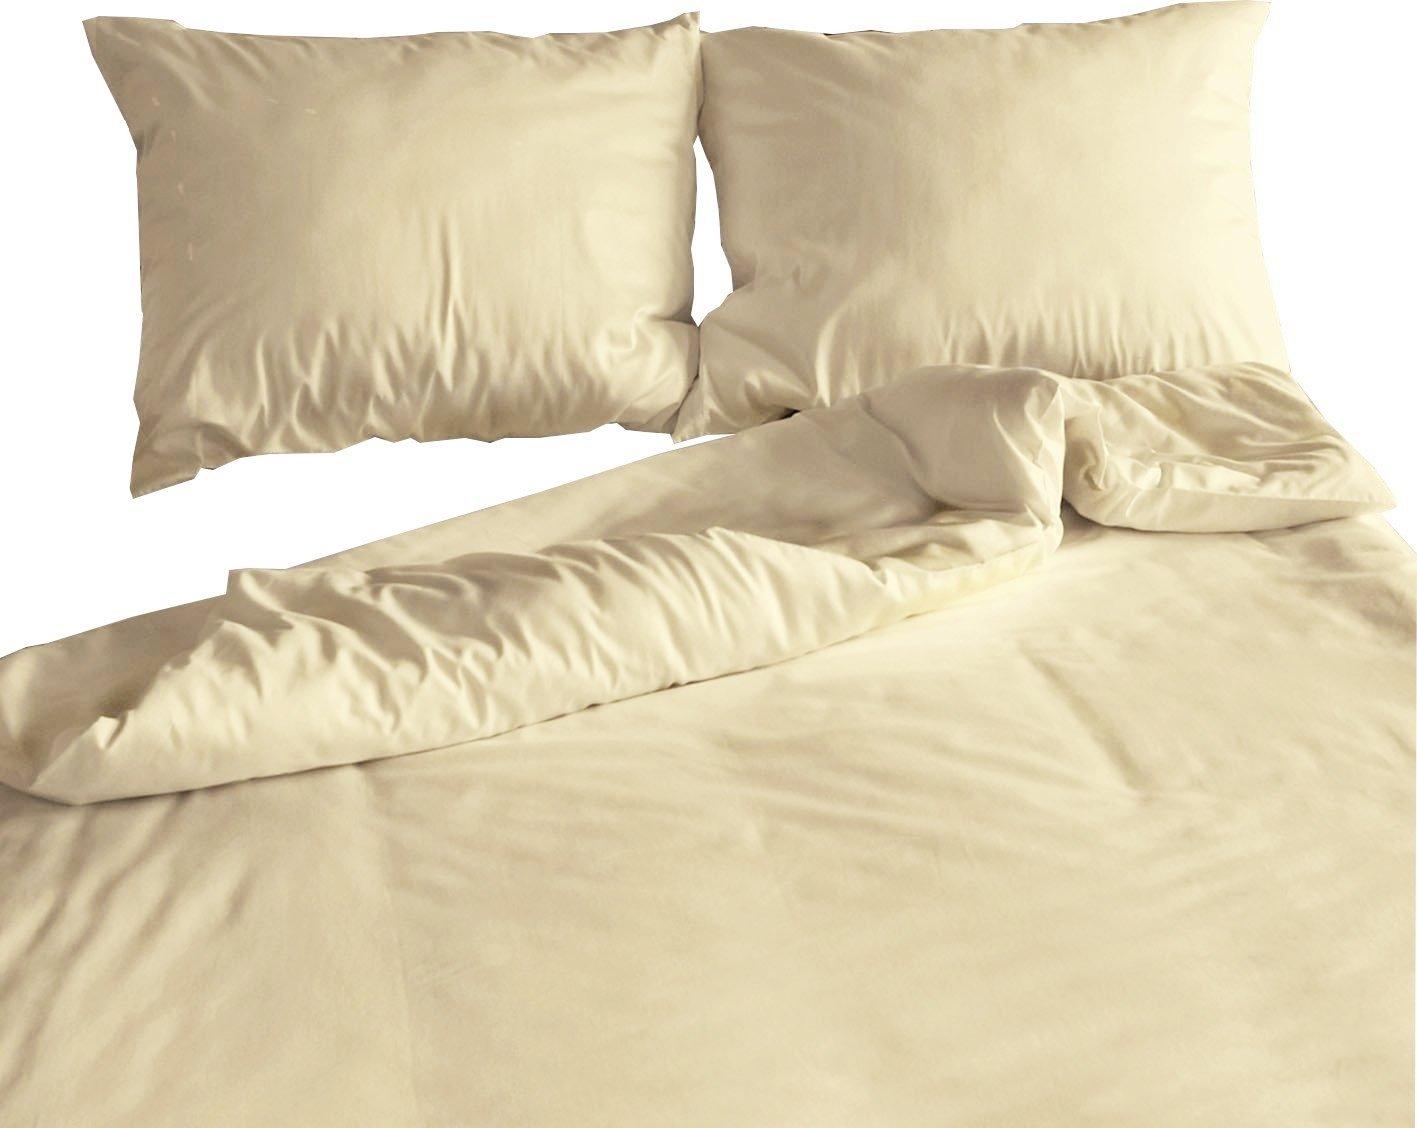 Carpe Sonno Elegante Mako-Satin Hotelbettwäsche 240 x 220 cm Creme aus 100% Baumwolle für besten Schlafkomfort – Bettwäsche Set mit Kopfkissen-Bezug und Mako Satin Hotel-Bettwäsche